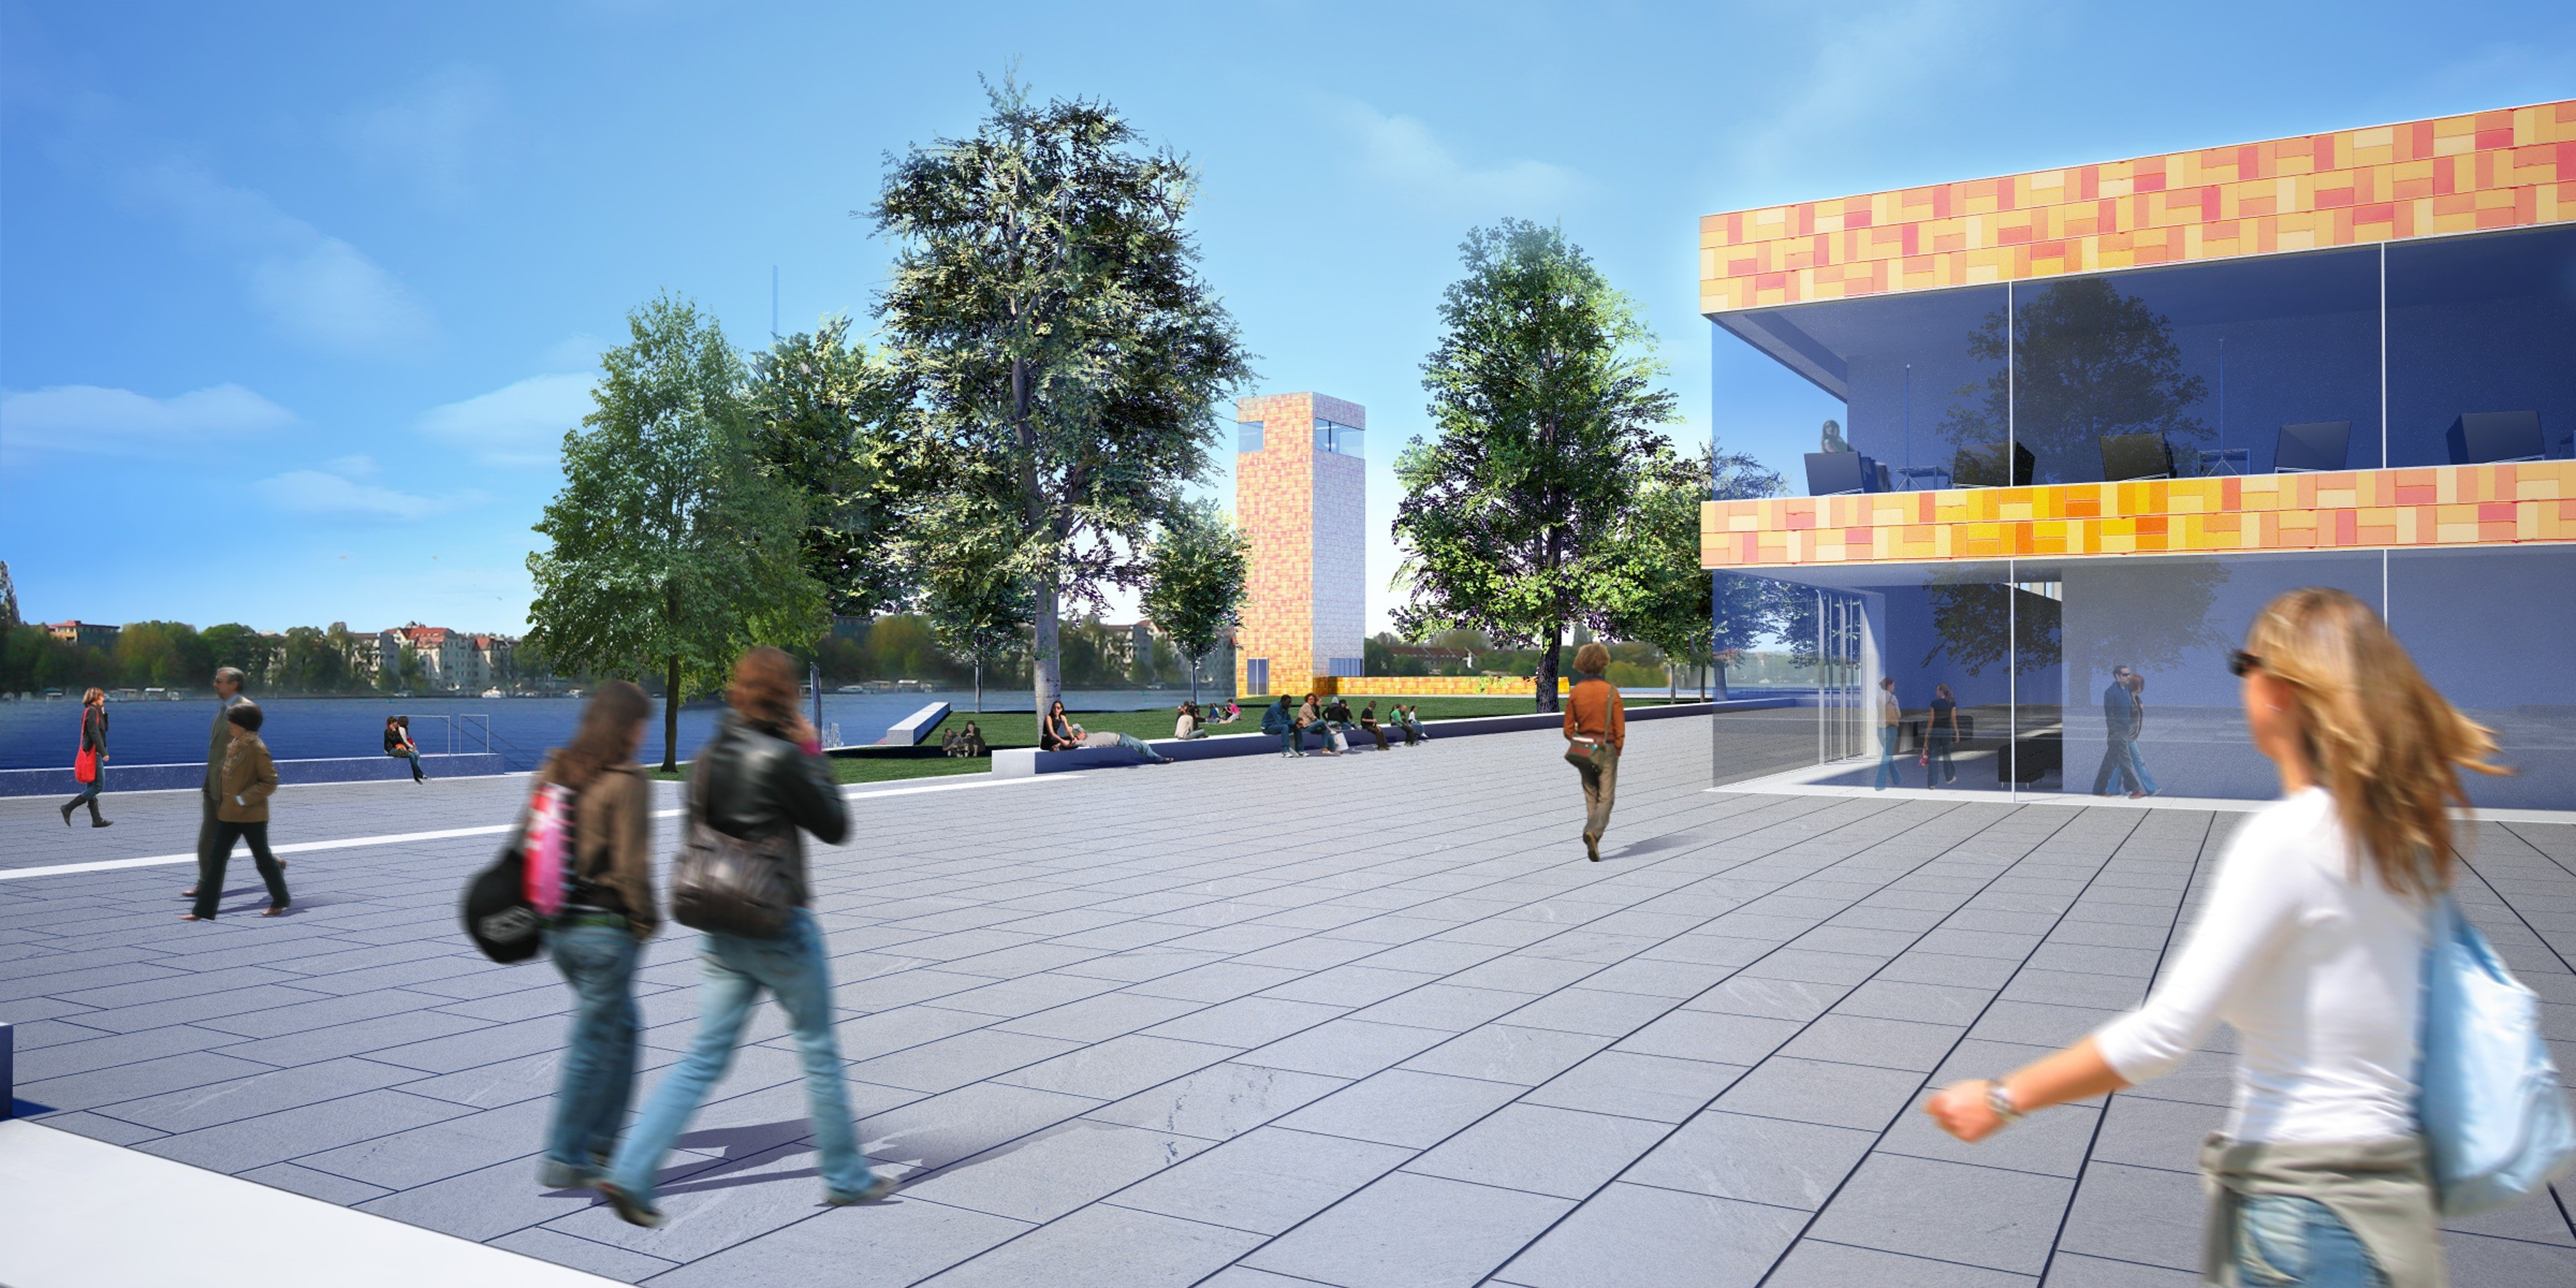 Architekturvisualisierung 3D 3 - Home